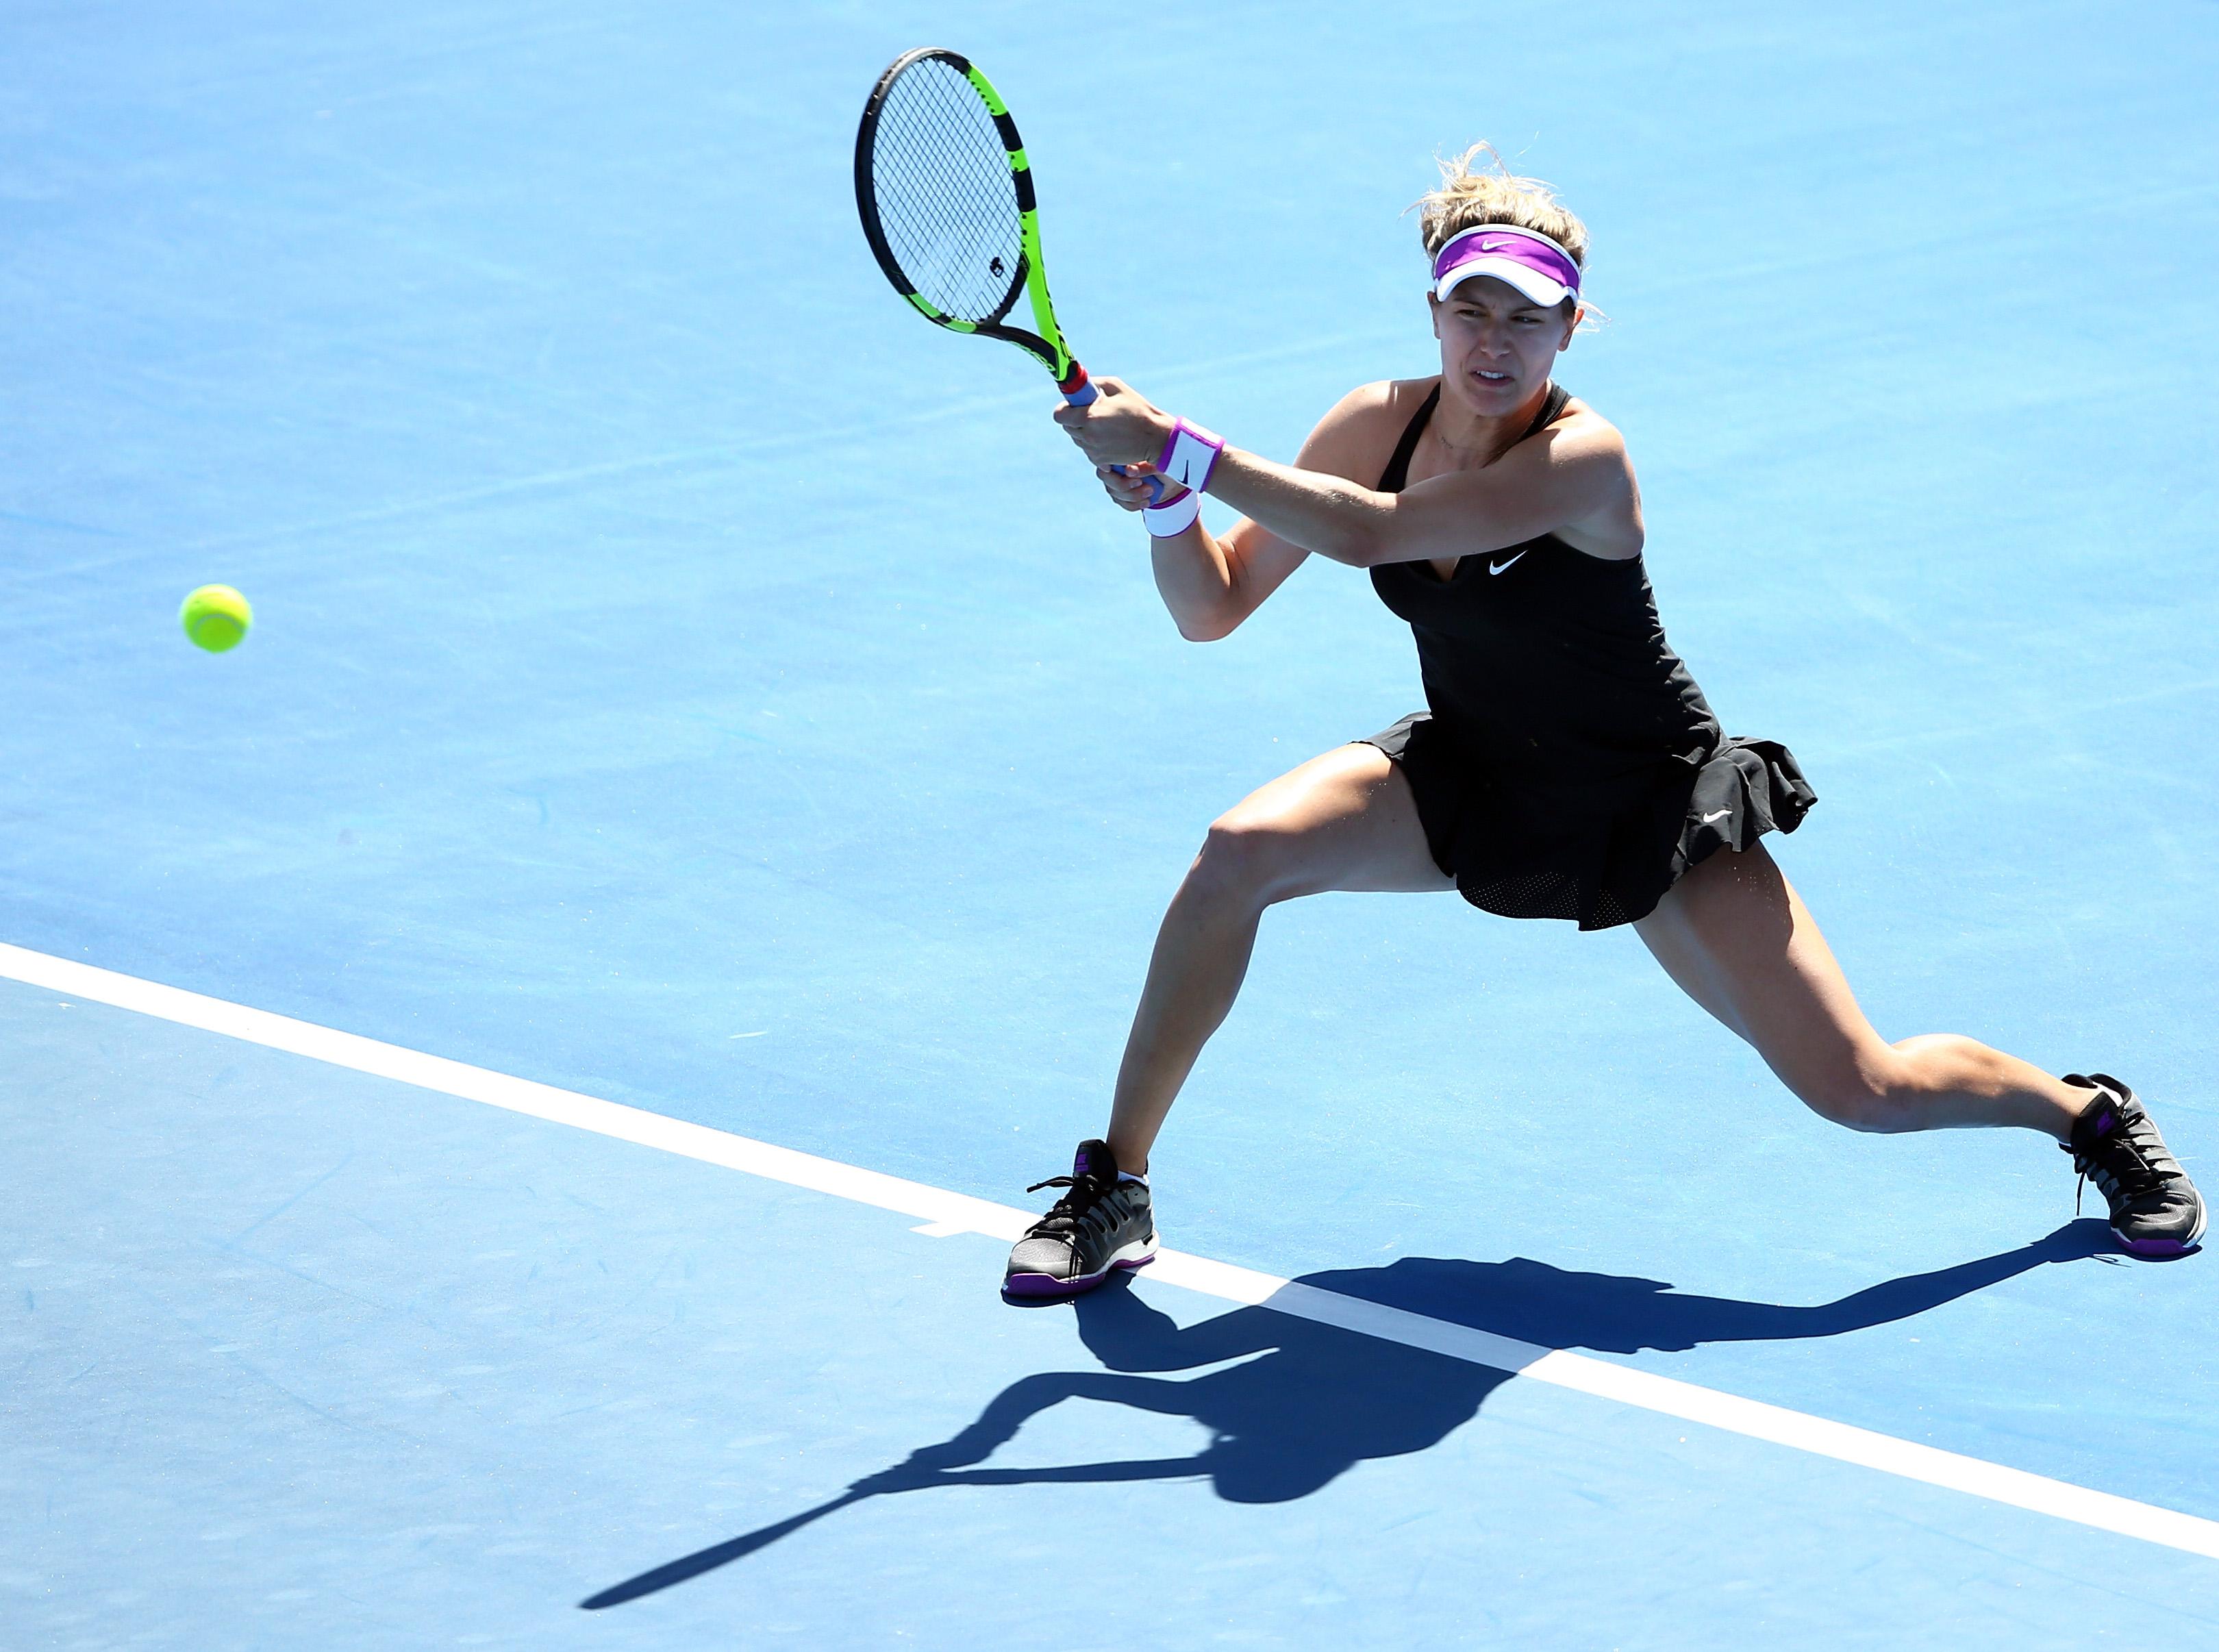 Singles Final Preview Cornet V Bouchard Hobart